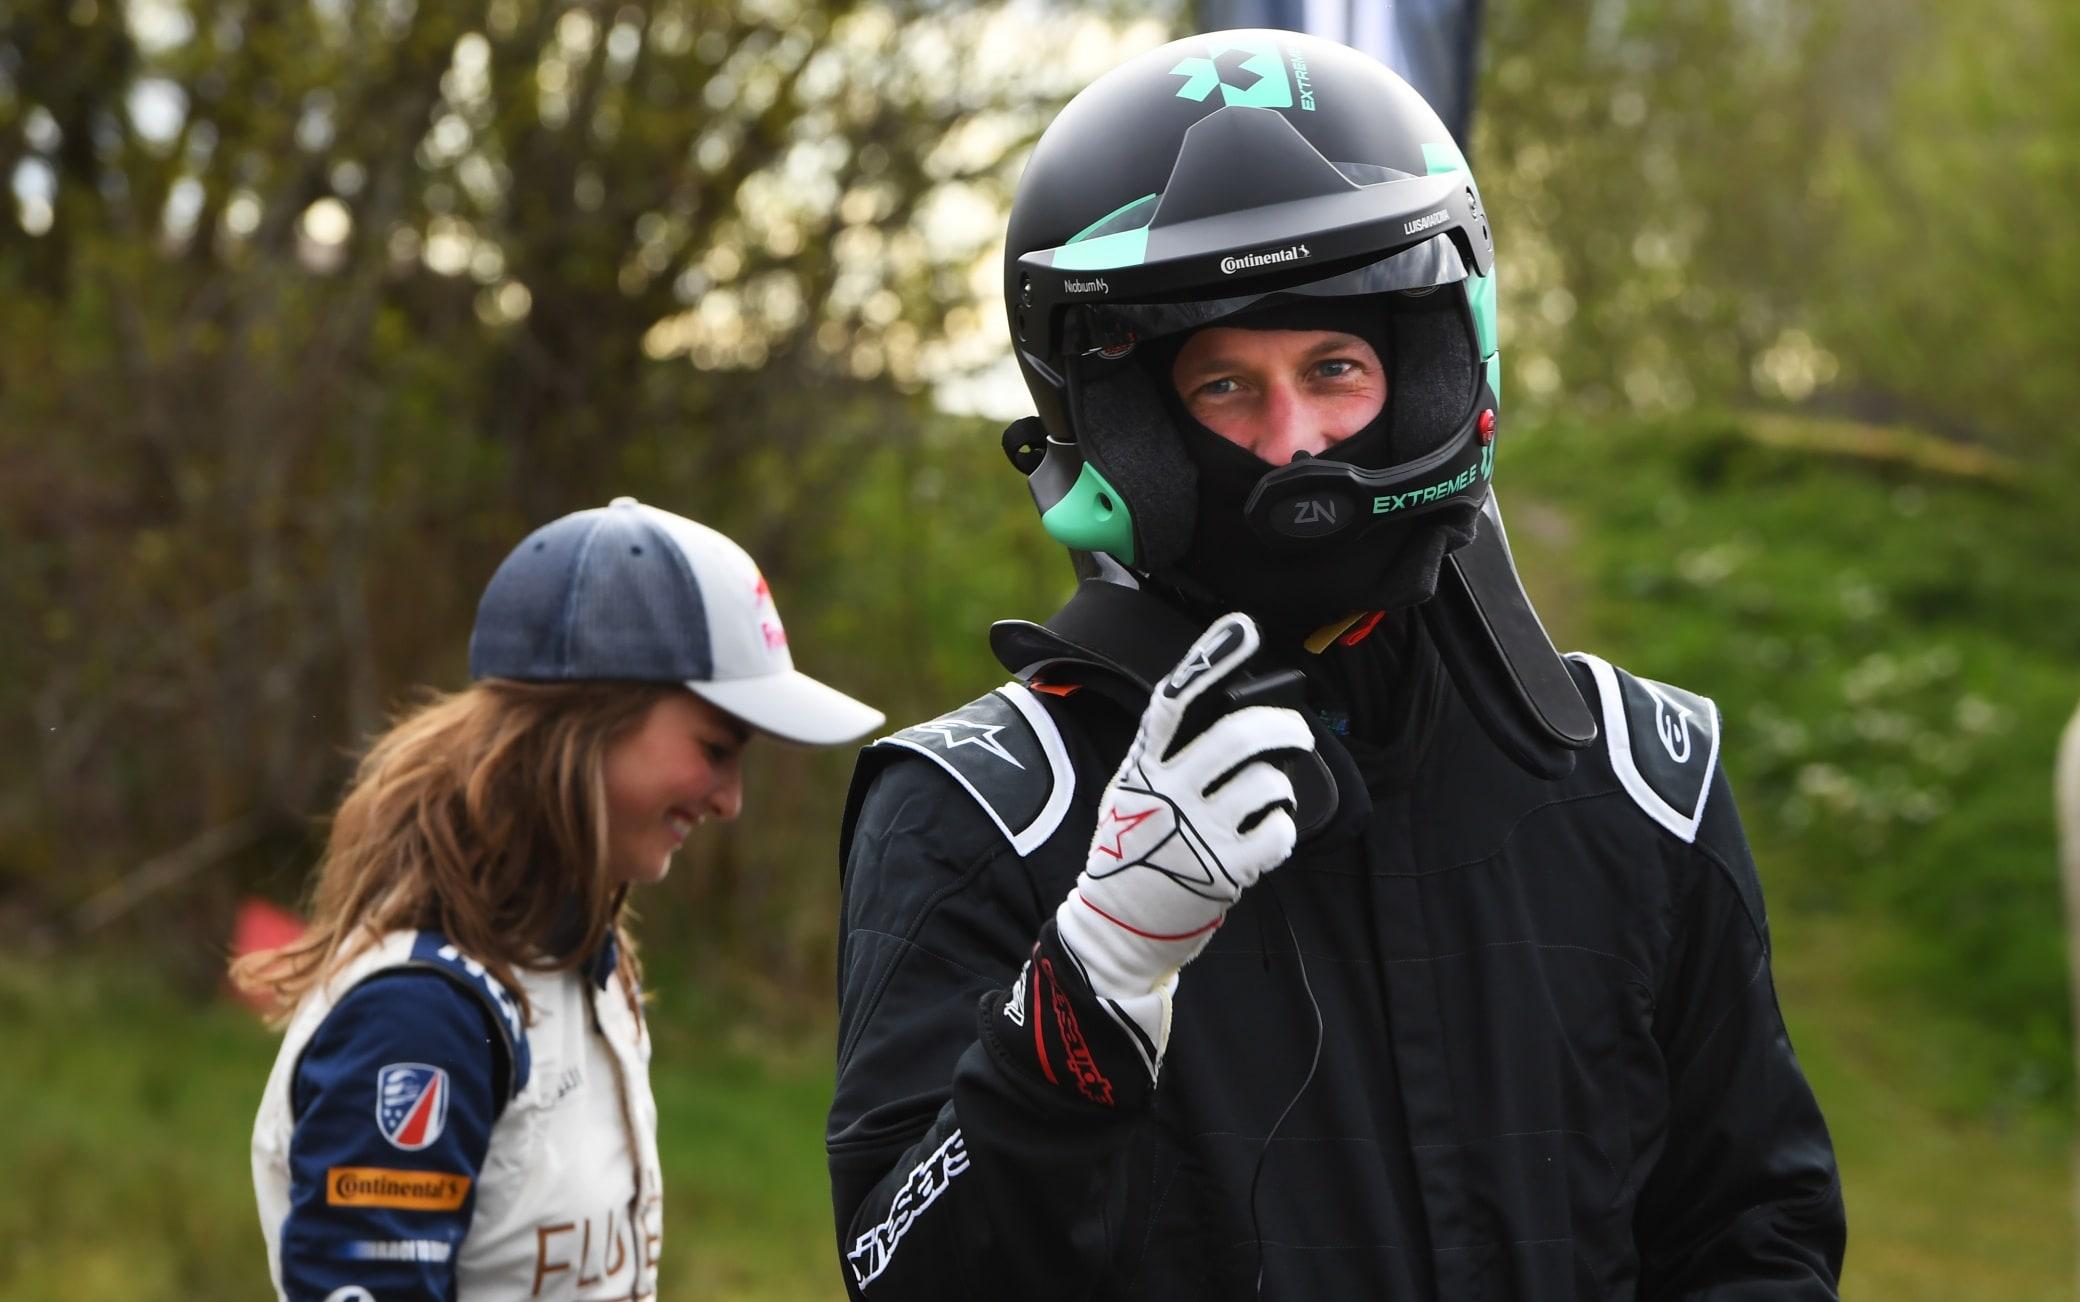 Il principe William sul circuito di Knockhill, in Scozia, con casco e tuta da pilota